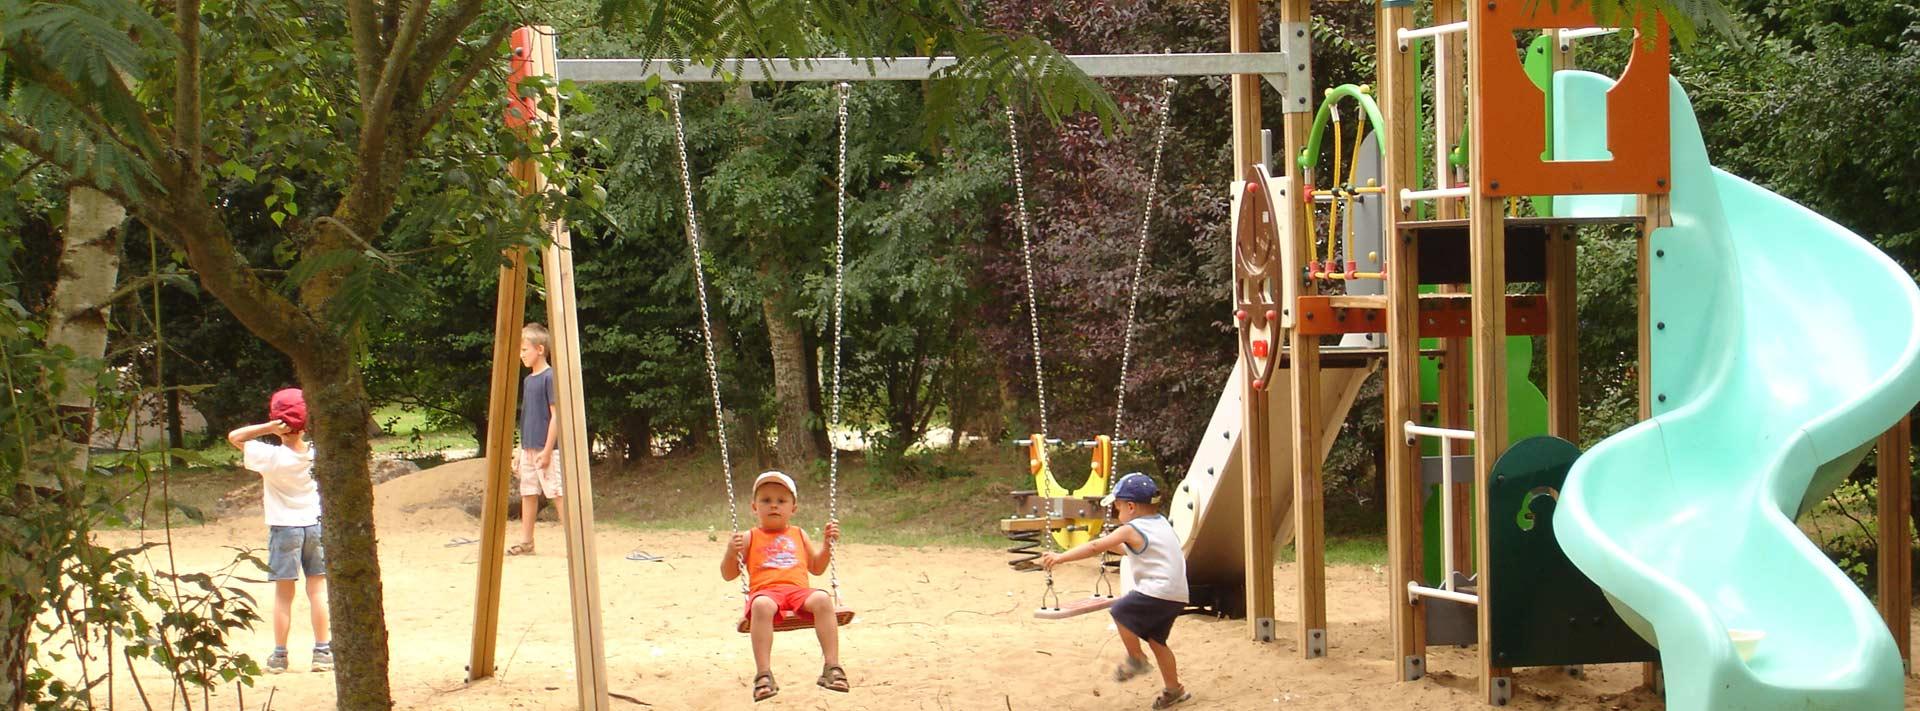 aire de jeux enfants du camping La Grisse